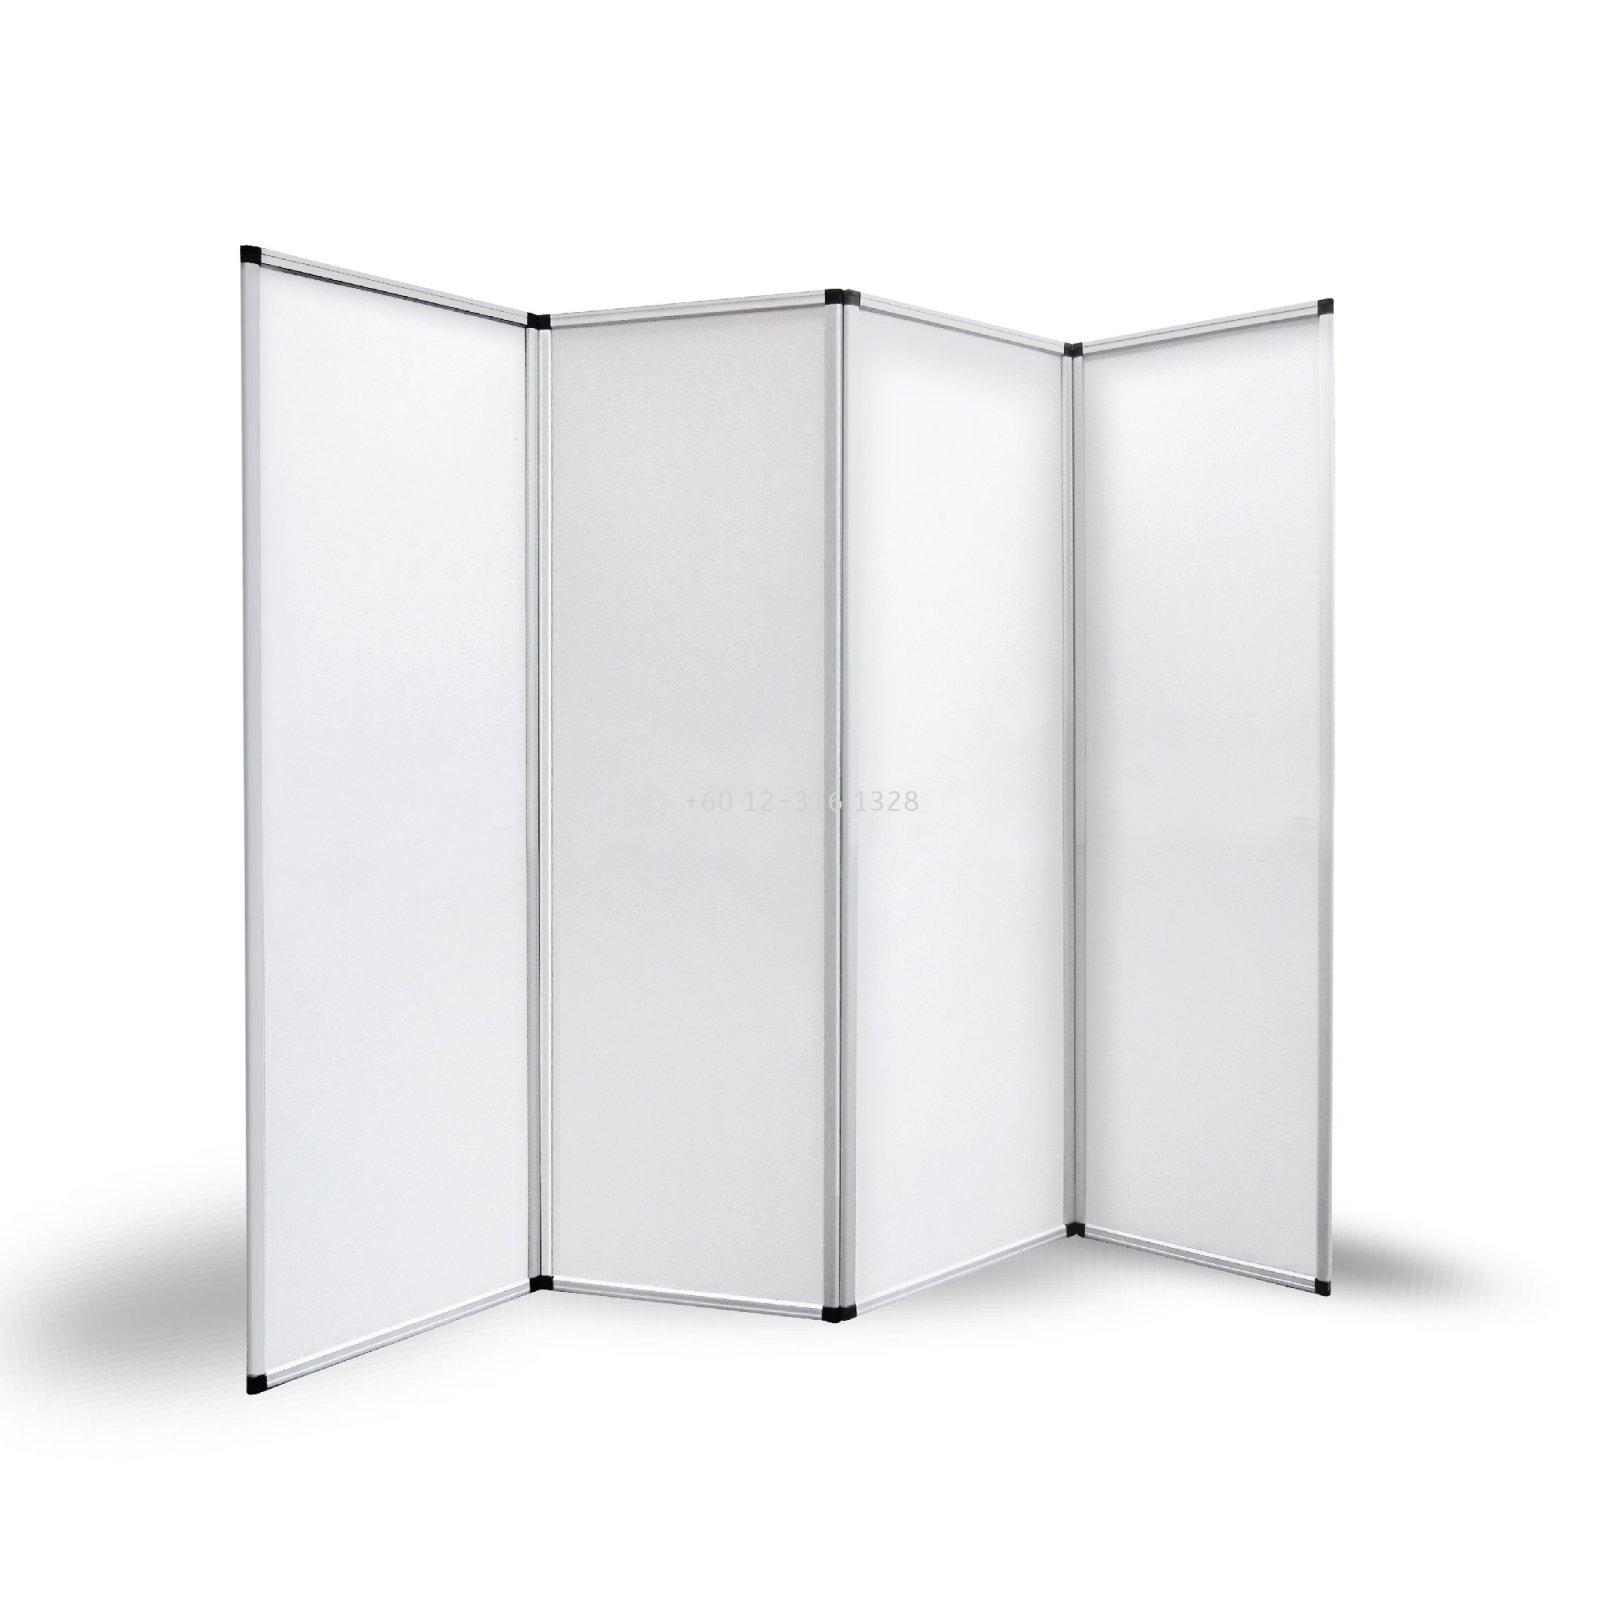 4 panel Folding display 60x180cm (4PFW)